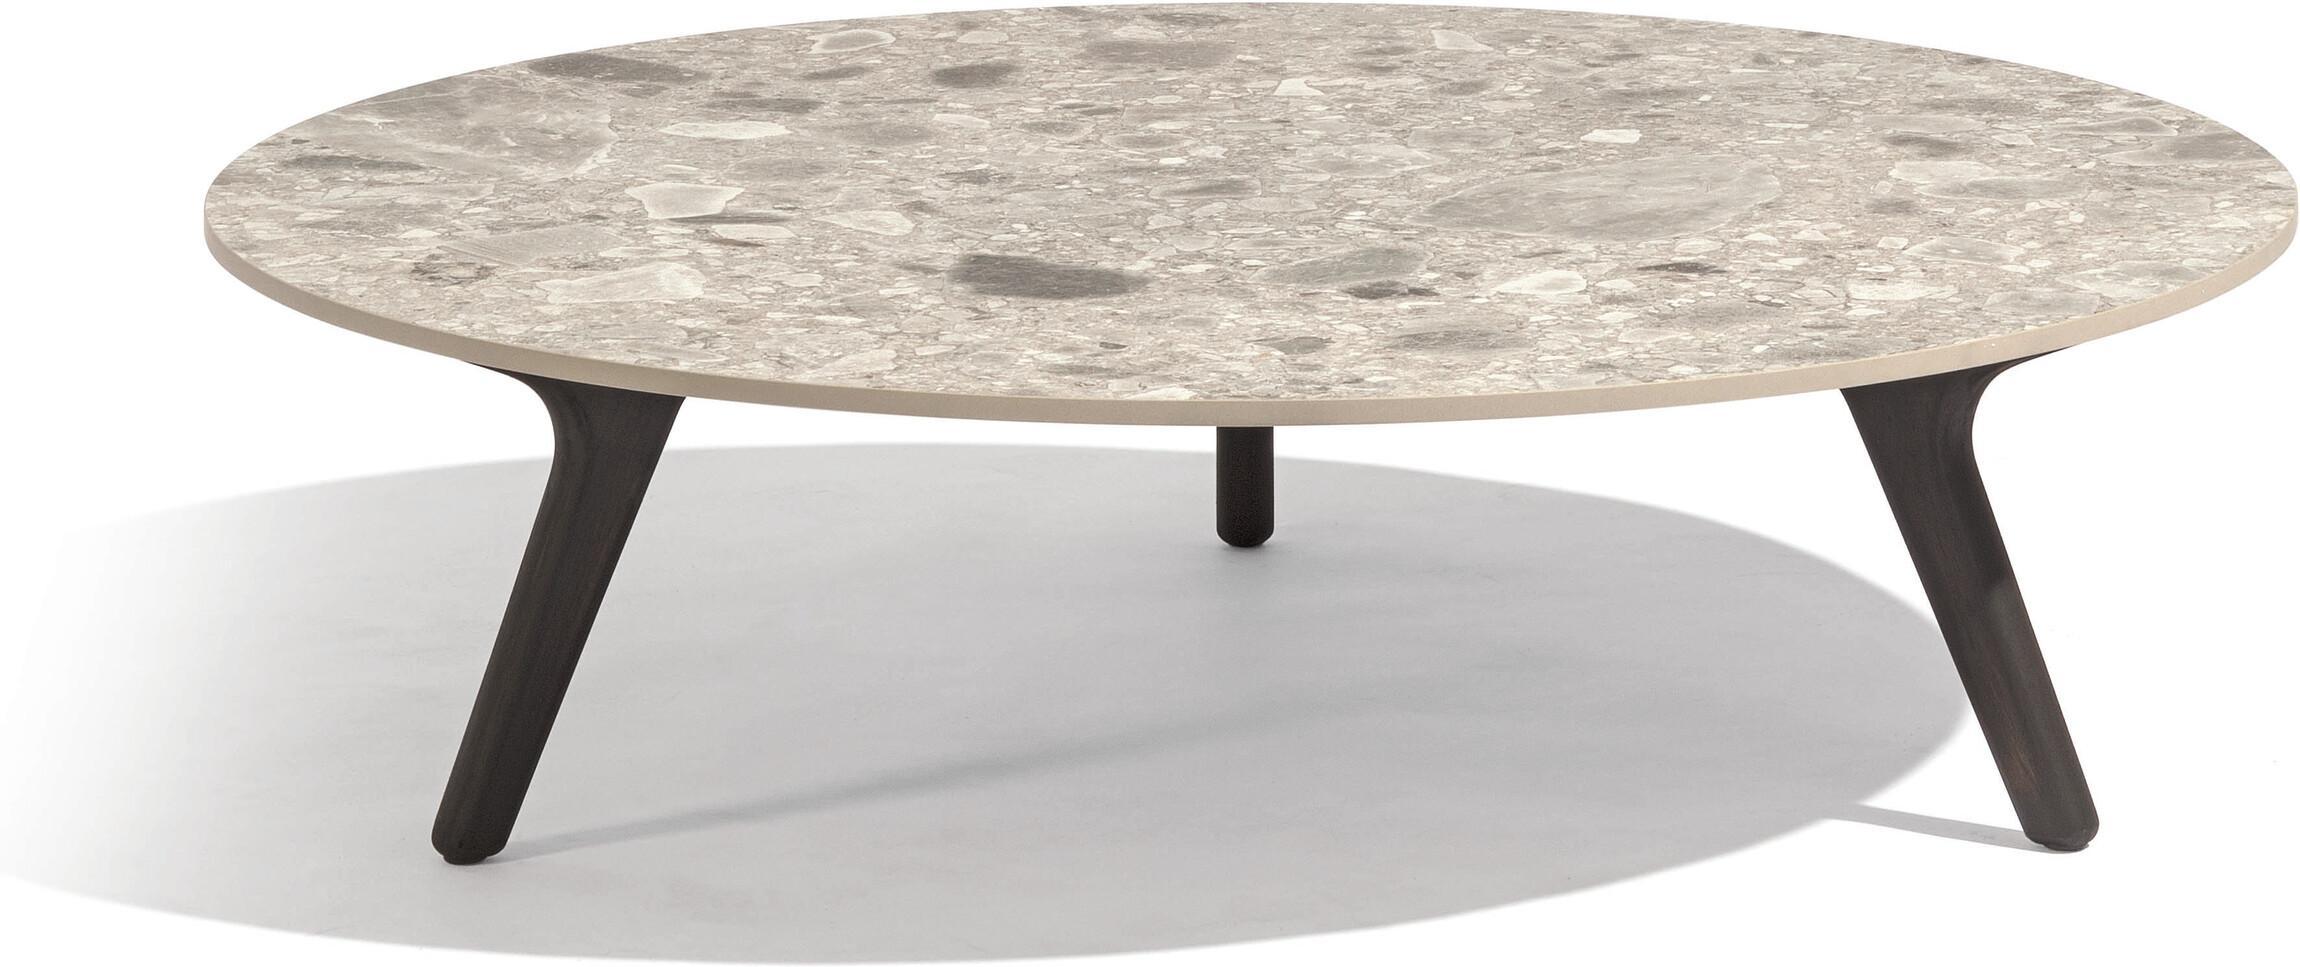 Torsa Low table - Teak nero - CEF 125